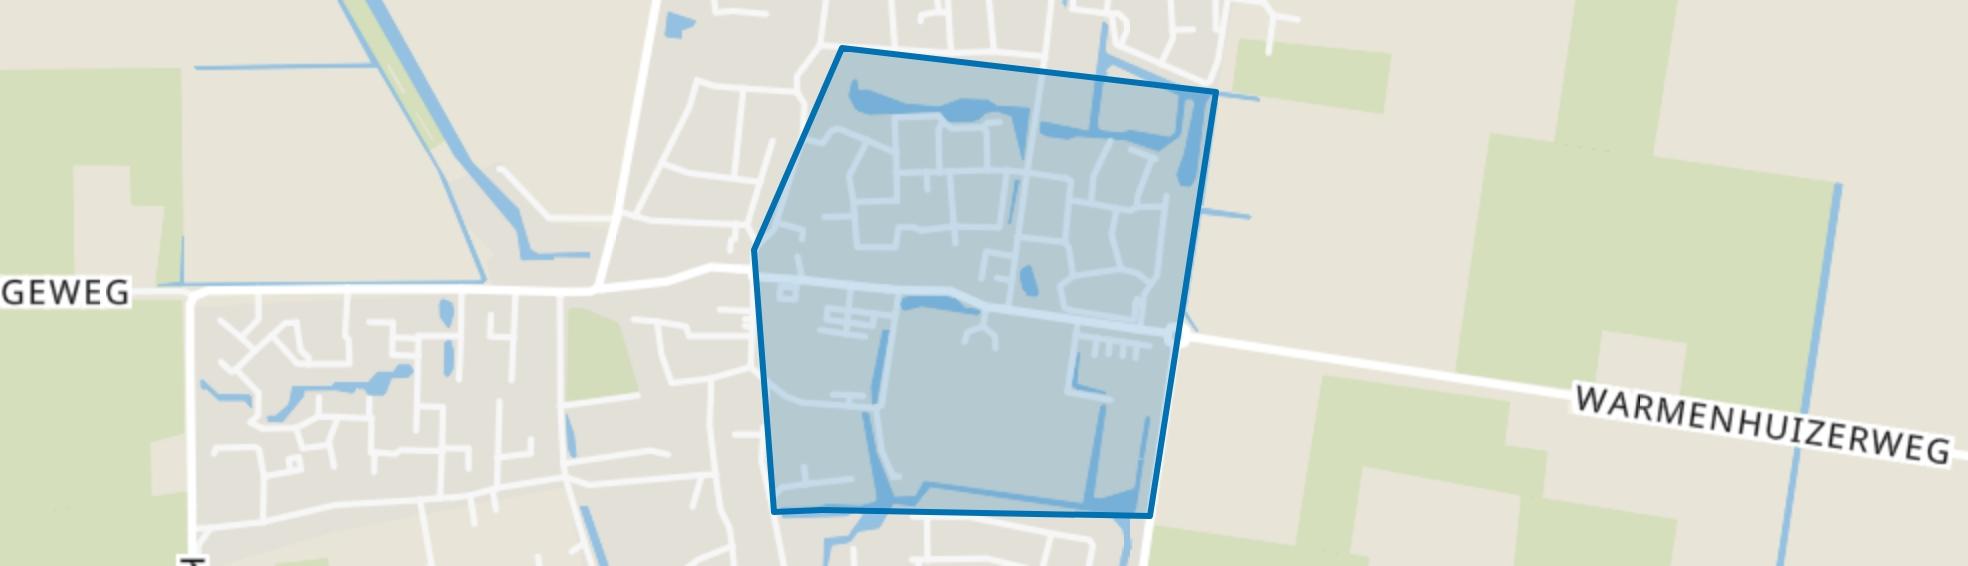 Debbemeer-Zuid, Warmenhuizen map